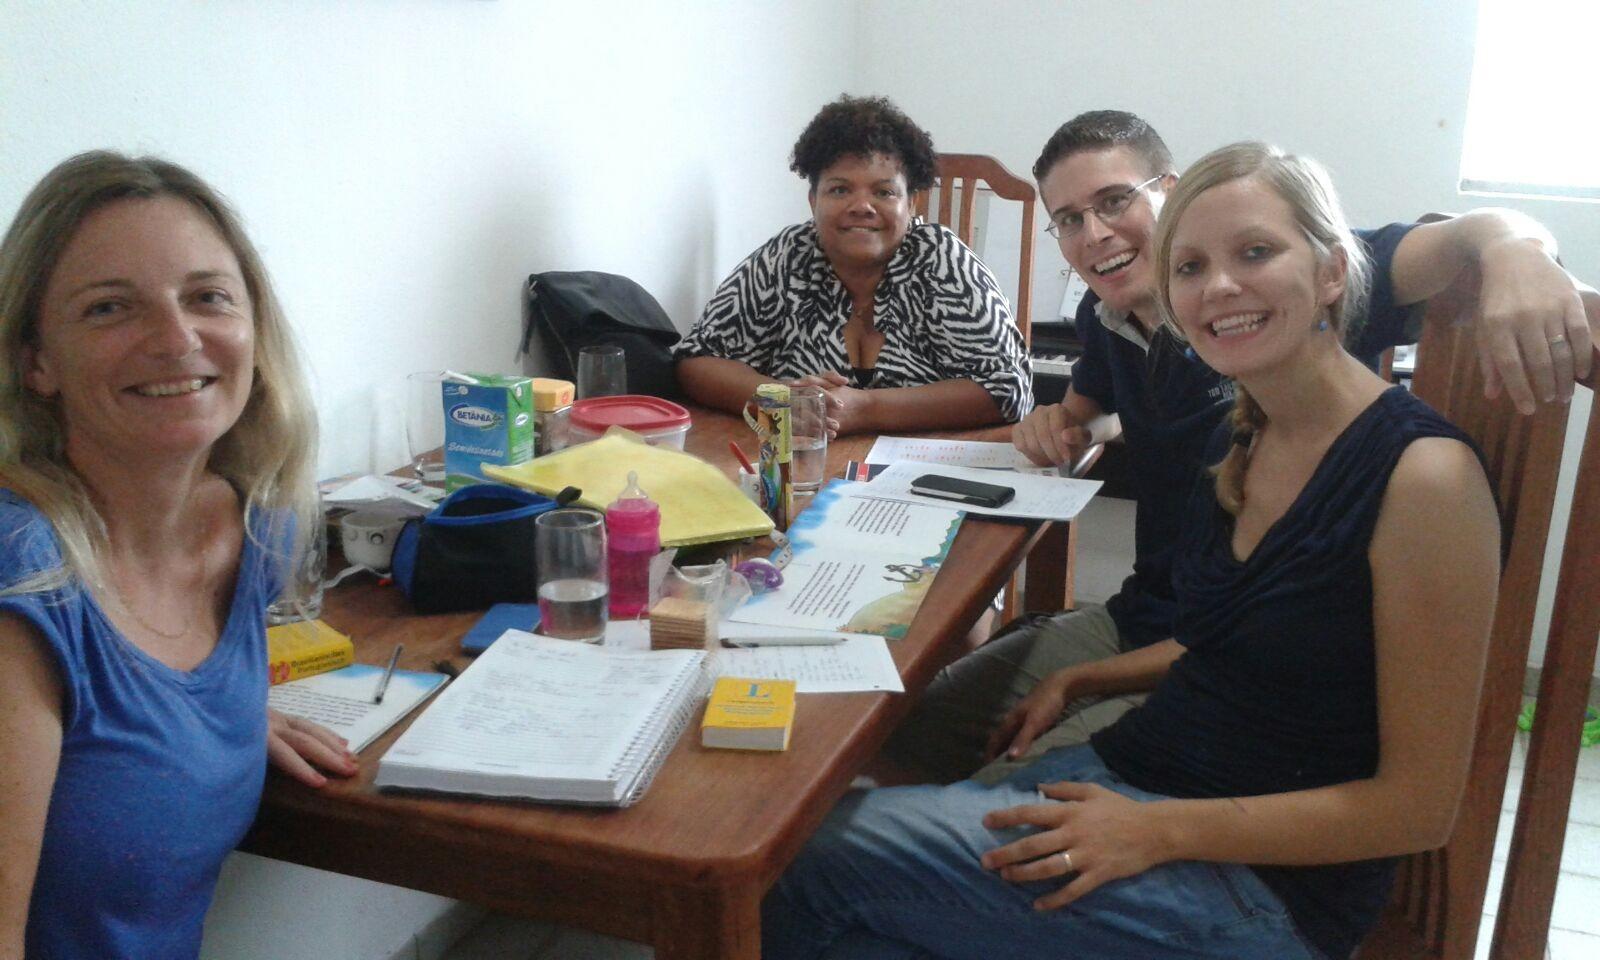 Portugiesischunterricht mit unserer Lehrerin Cicleide und mit der deutschen Studentin Christine